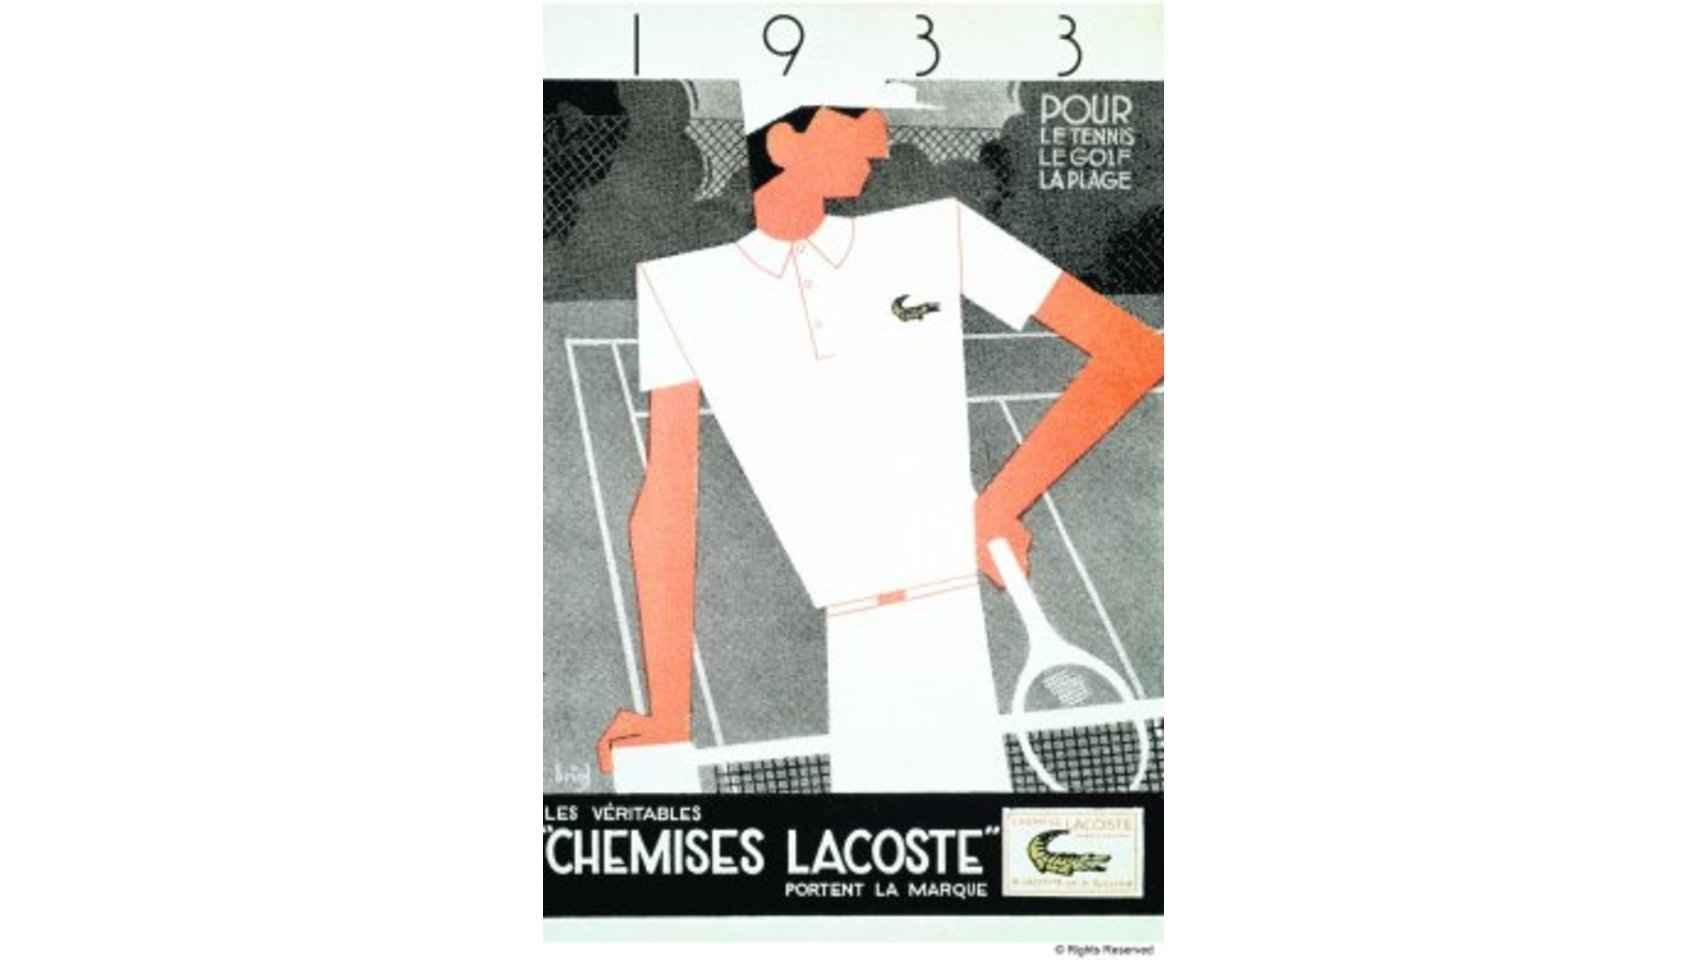 Publicidad Lacoste de 1933.